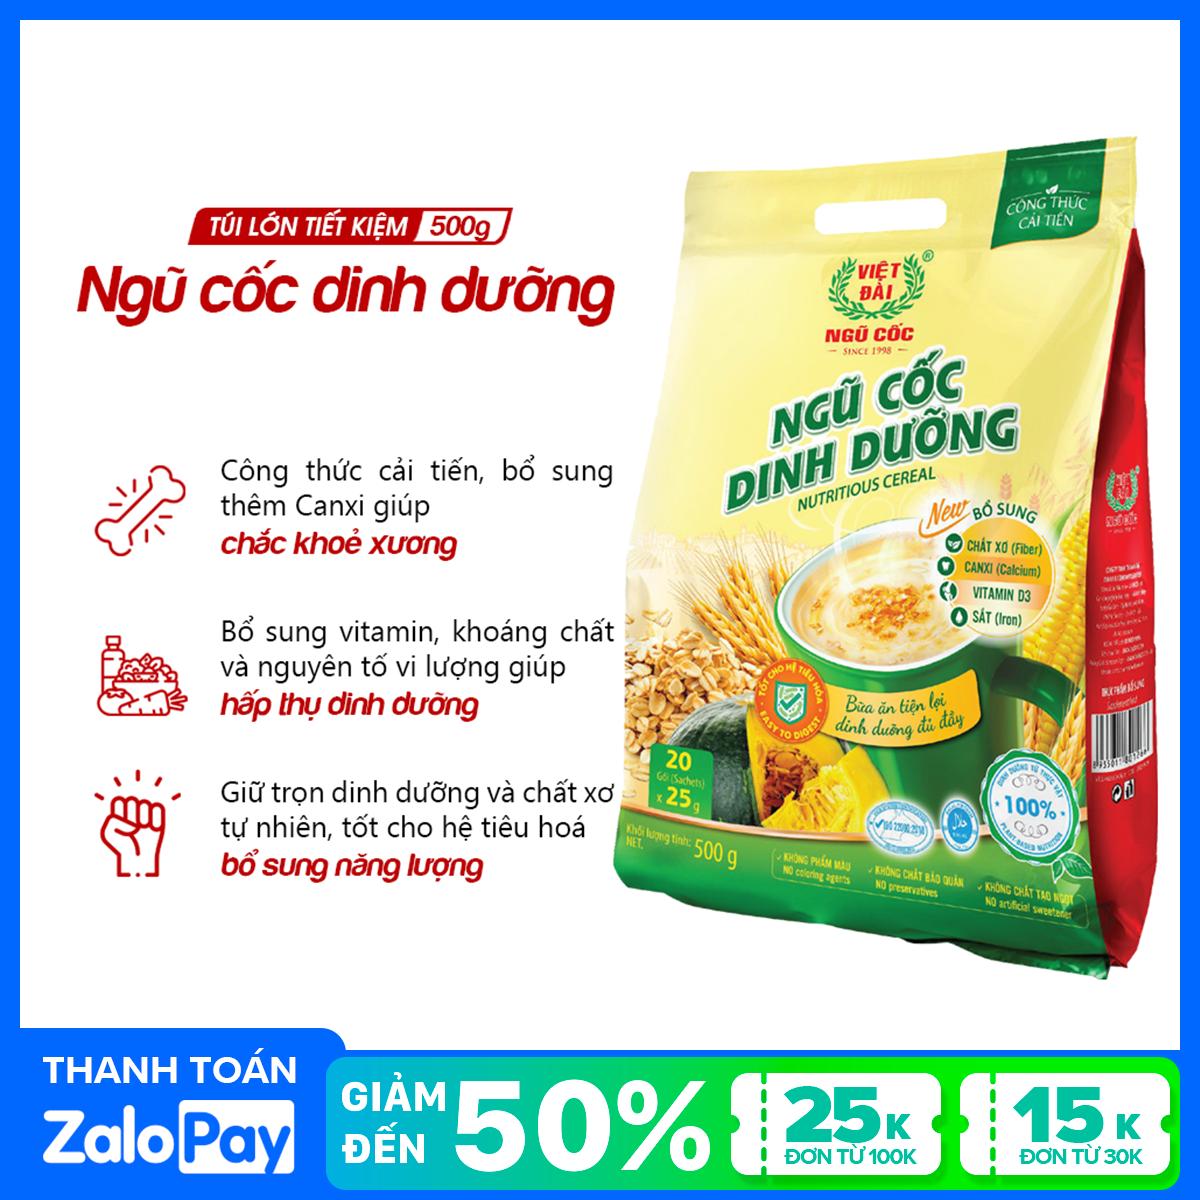 Bột ngũ cốc dinh dưỡng Việt Đài túi 500g